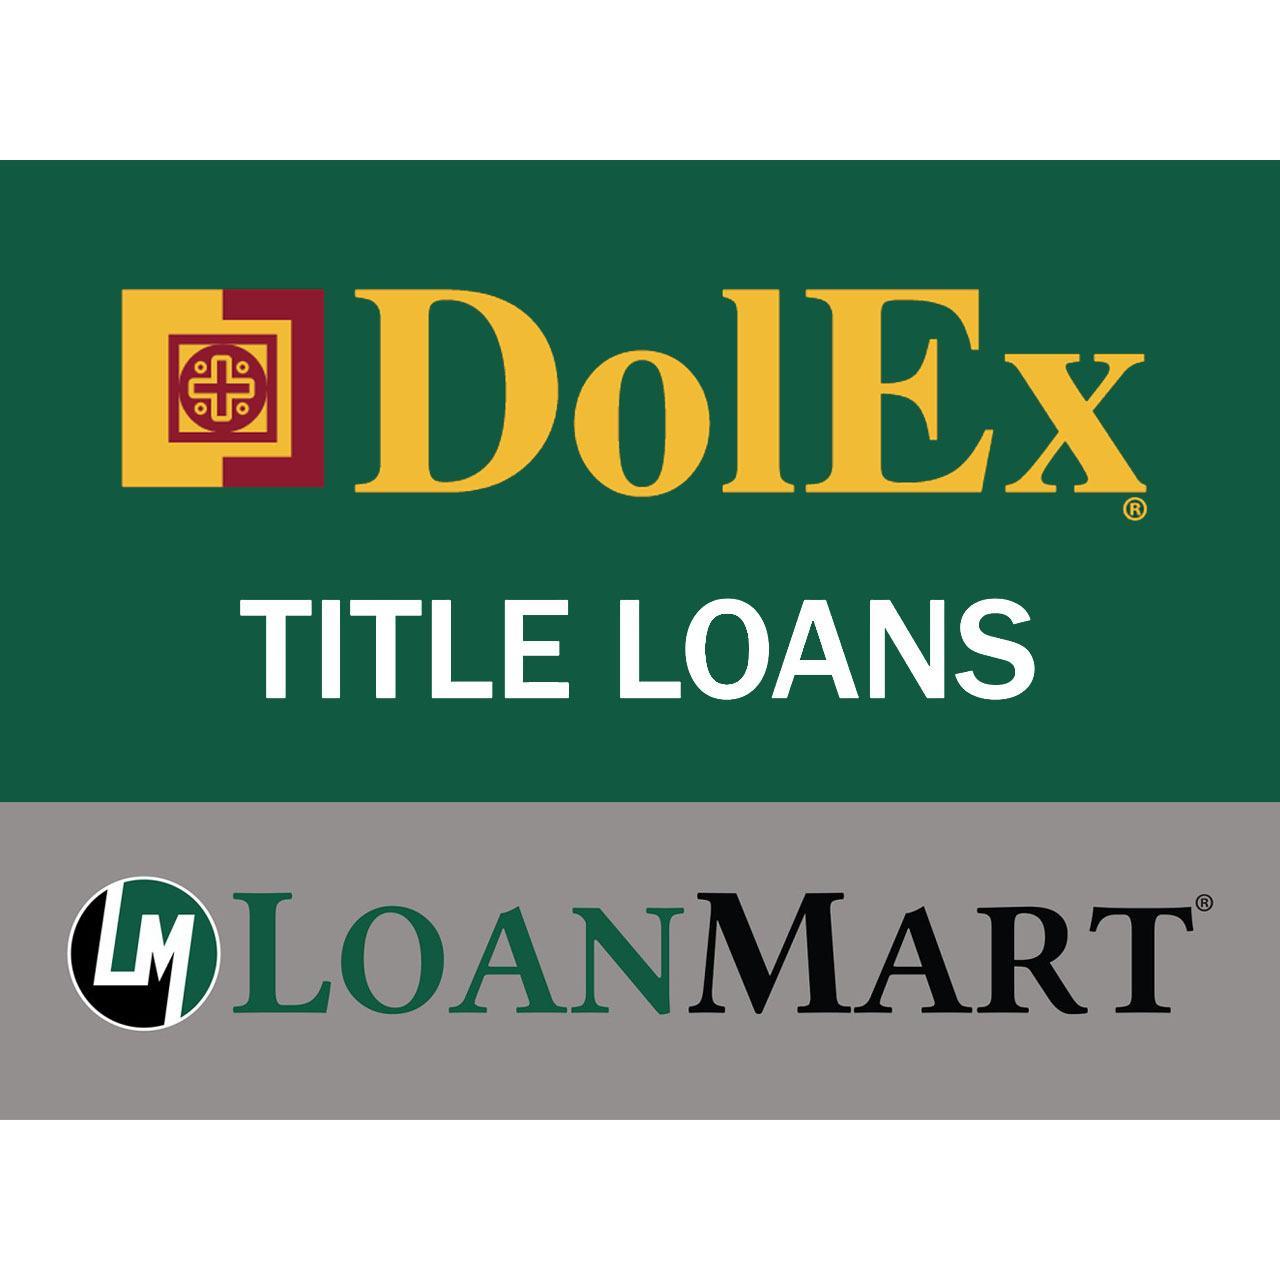 DolEx® Title Loans - LoanMart Kearns image 2